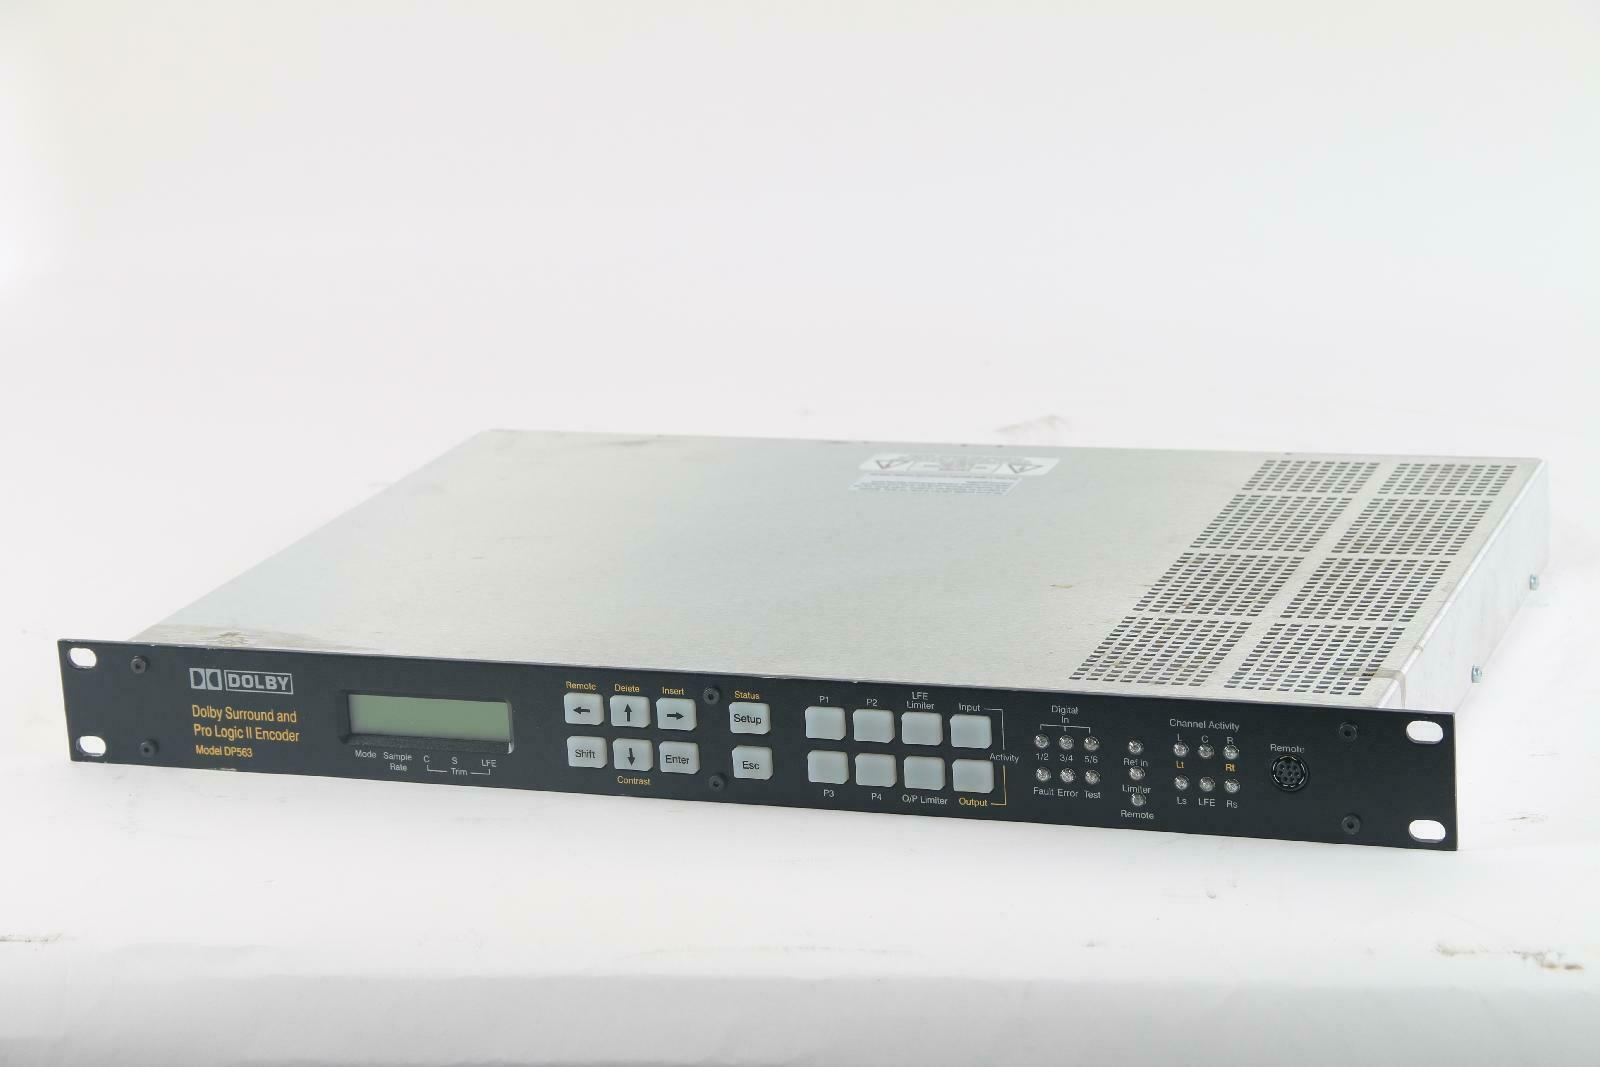 Dolby DP563 Surround und Pro Logic II Encoder Software Version 2.0.6.2